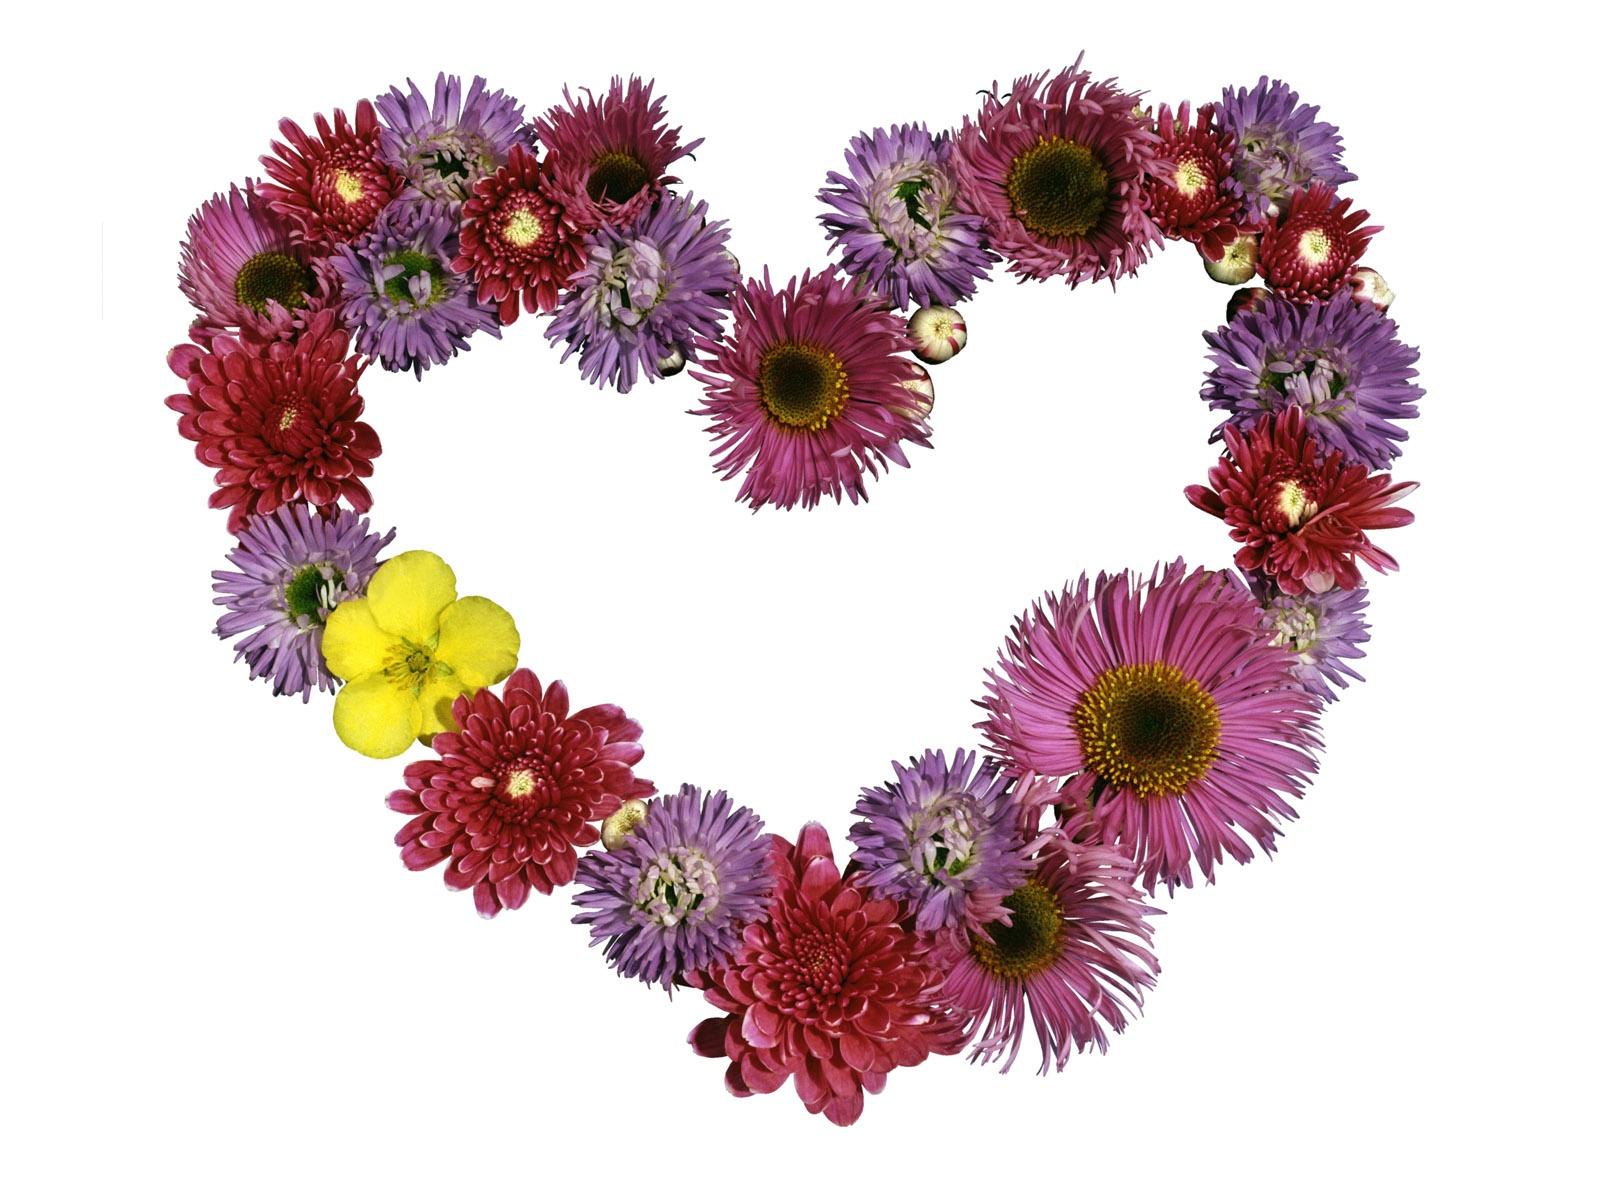 Fotos Y Nombres De Flores Exoticas - Nombres de flores exoticas imagenes